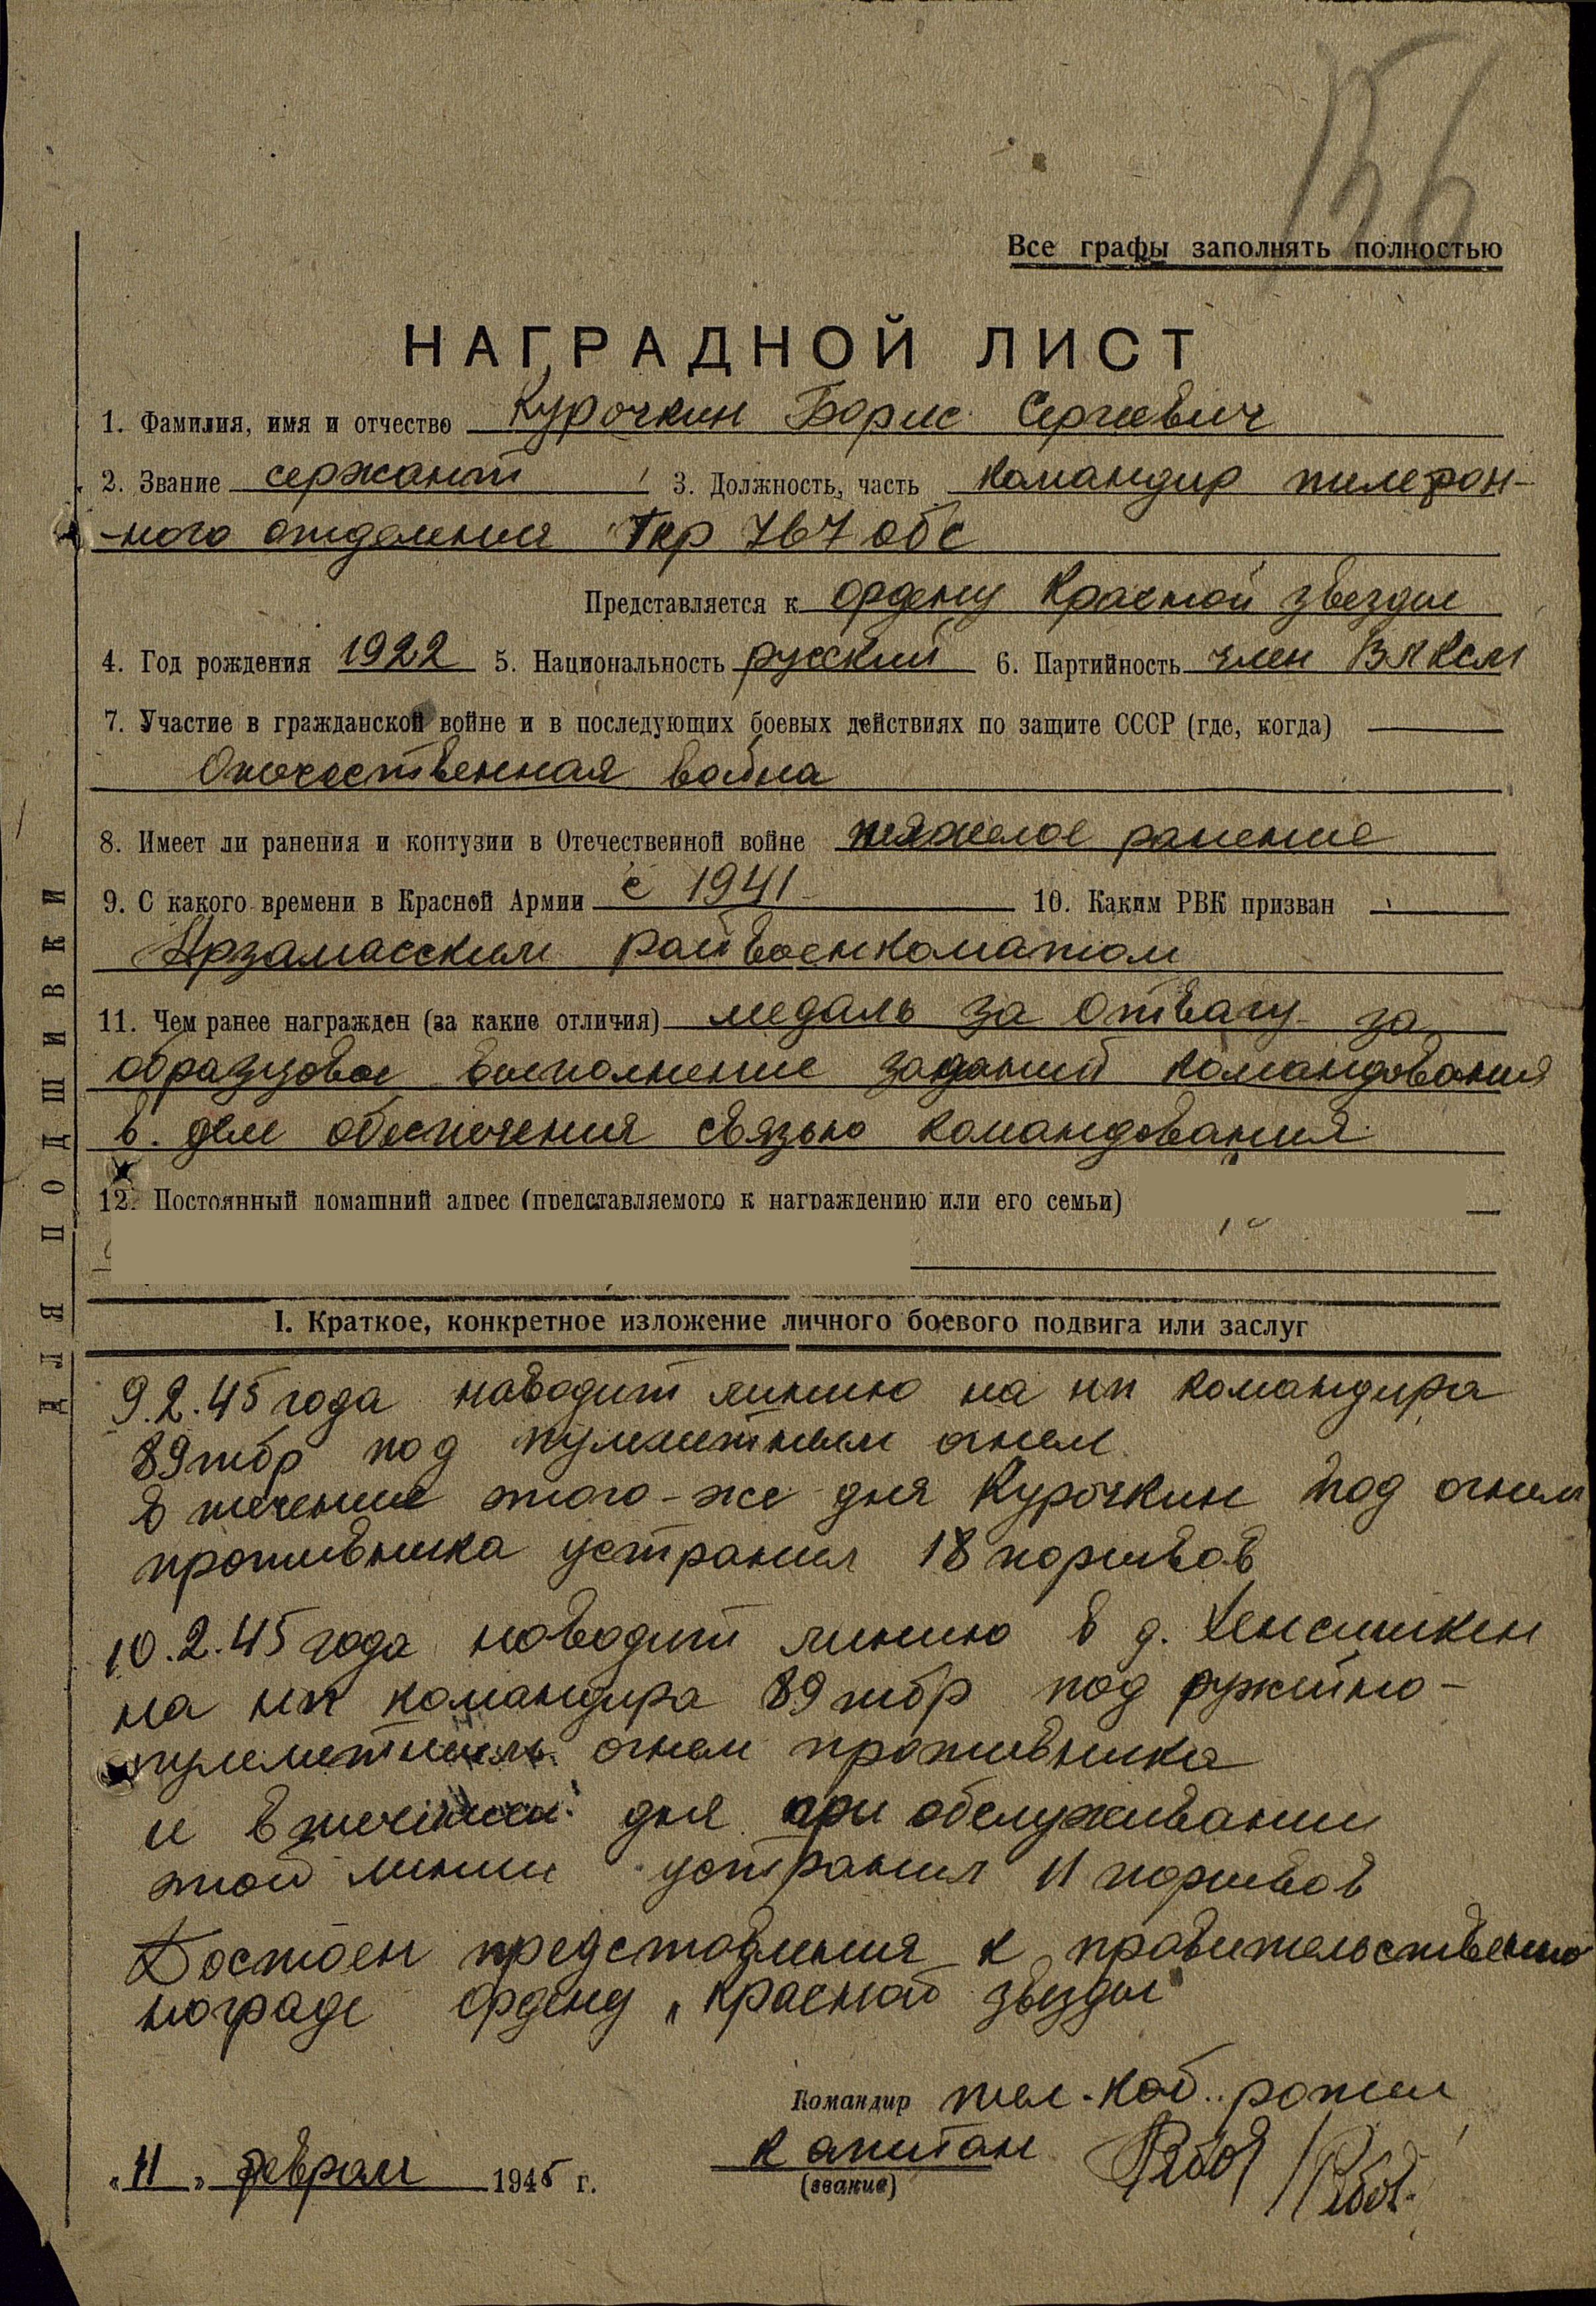 Наградной лист Курочкина Бориса Сергеевича к ордену Красной Звезды